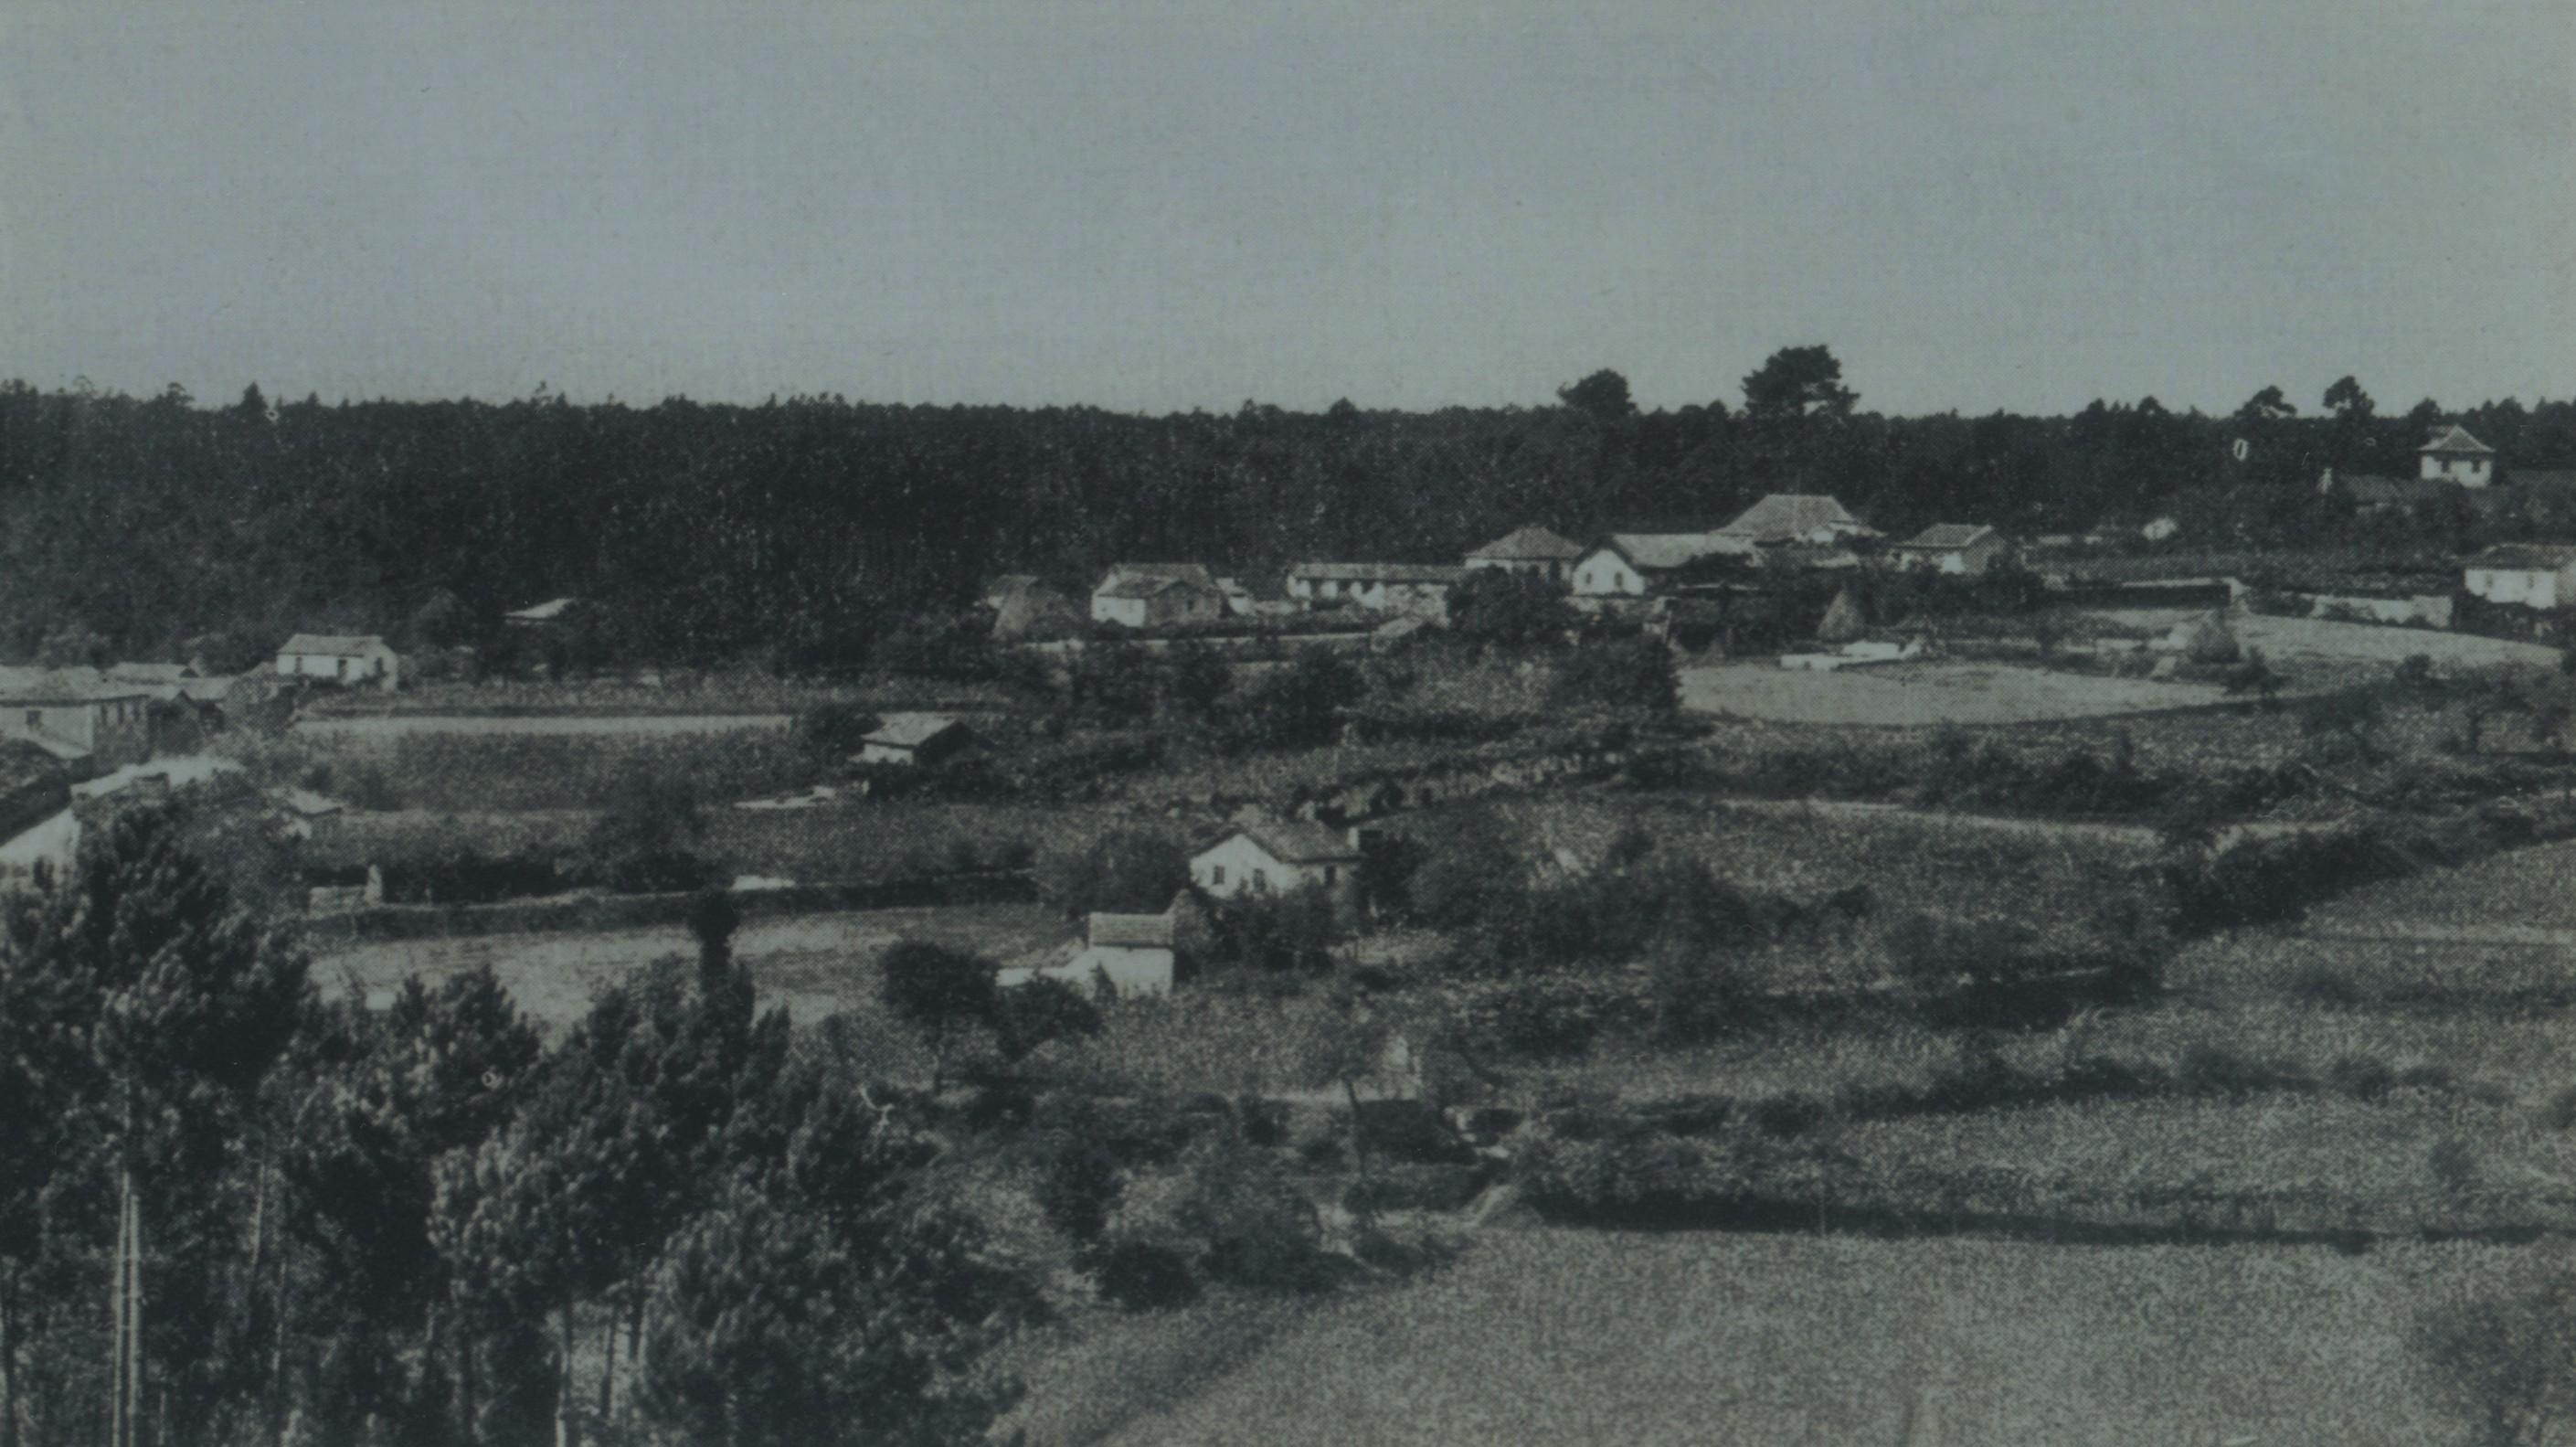 Lugar de Figueiredo, Pinheiro da Bemposta (Anos 50)